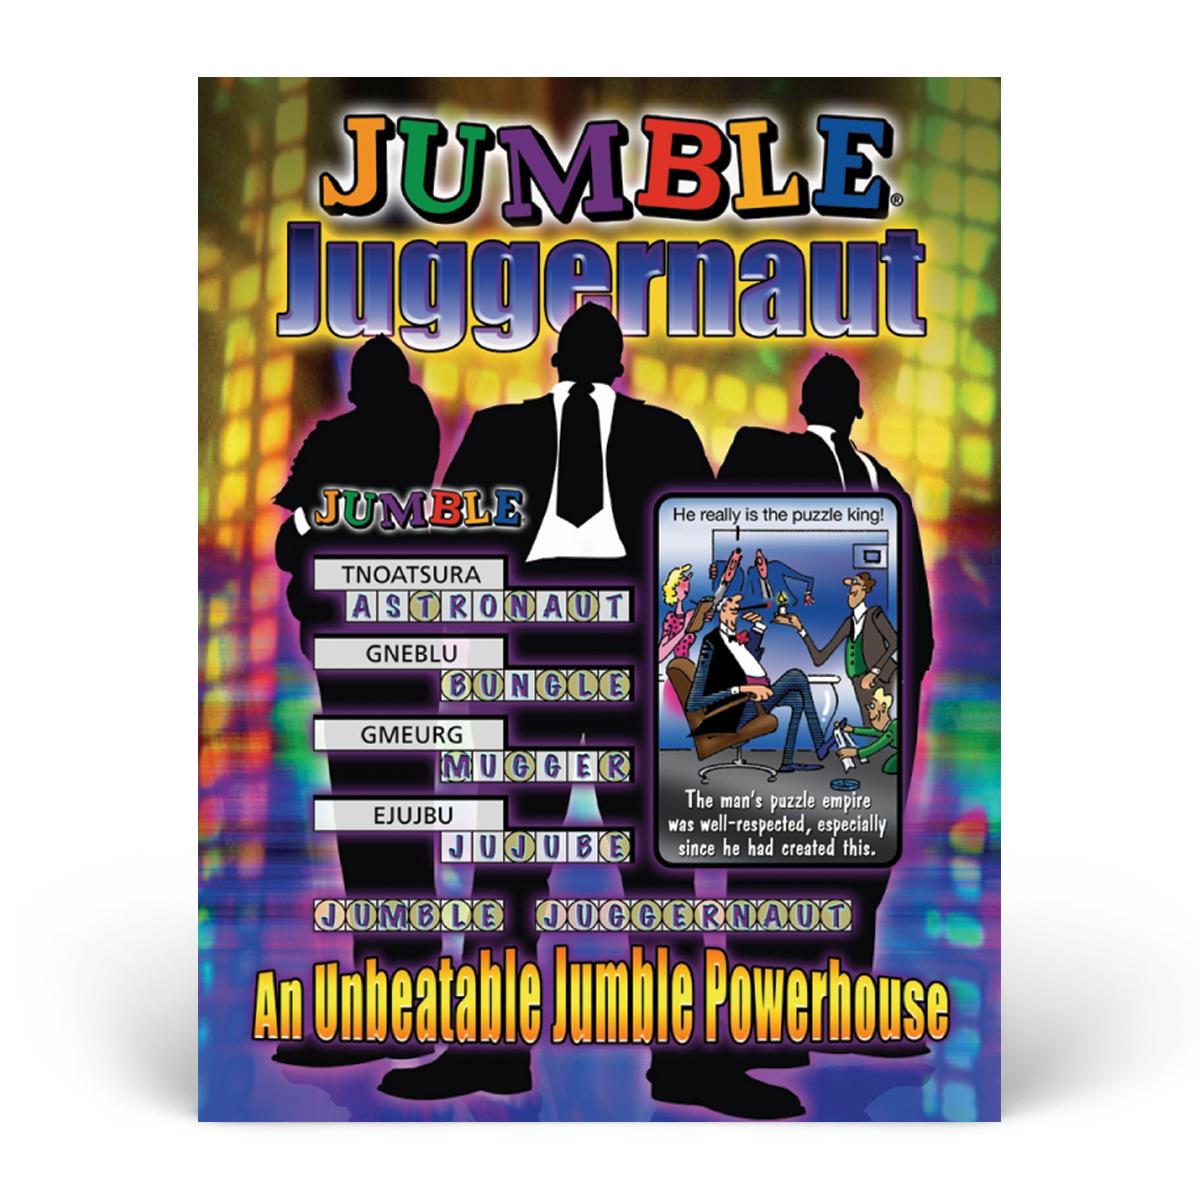 Jumble! Juggernaut